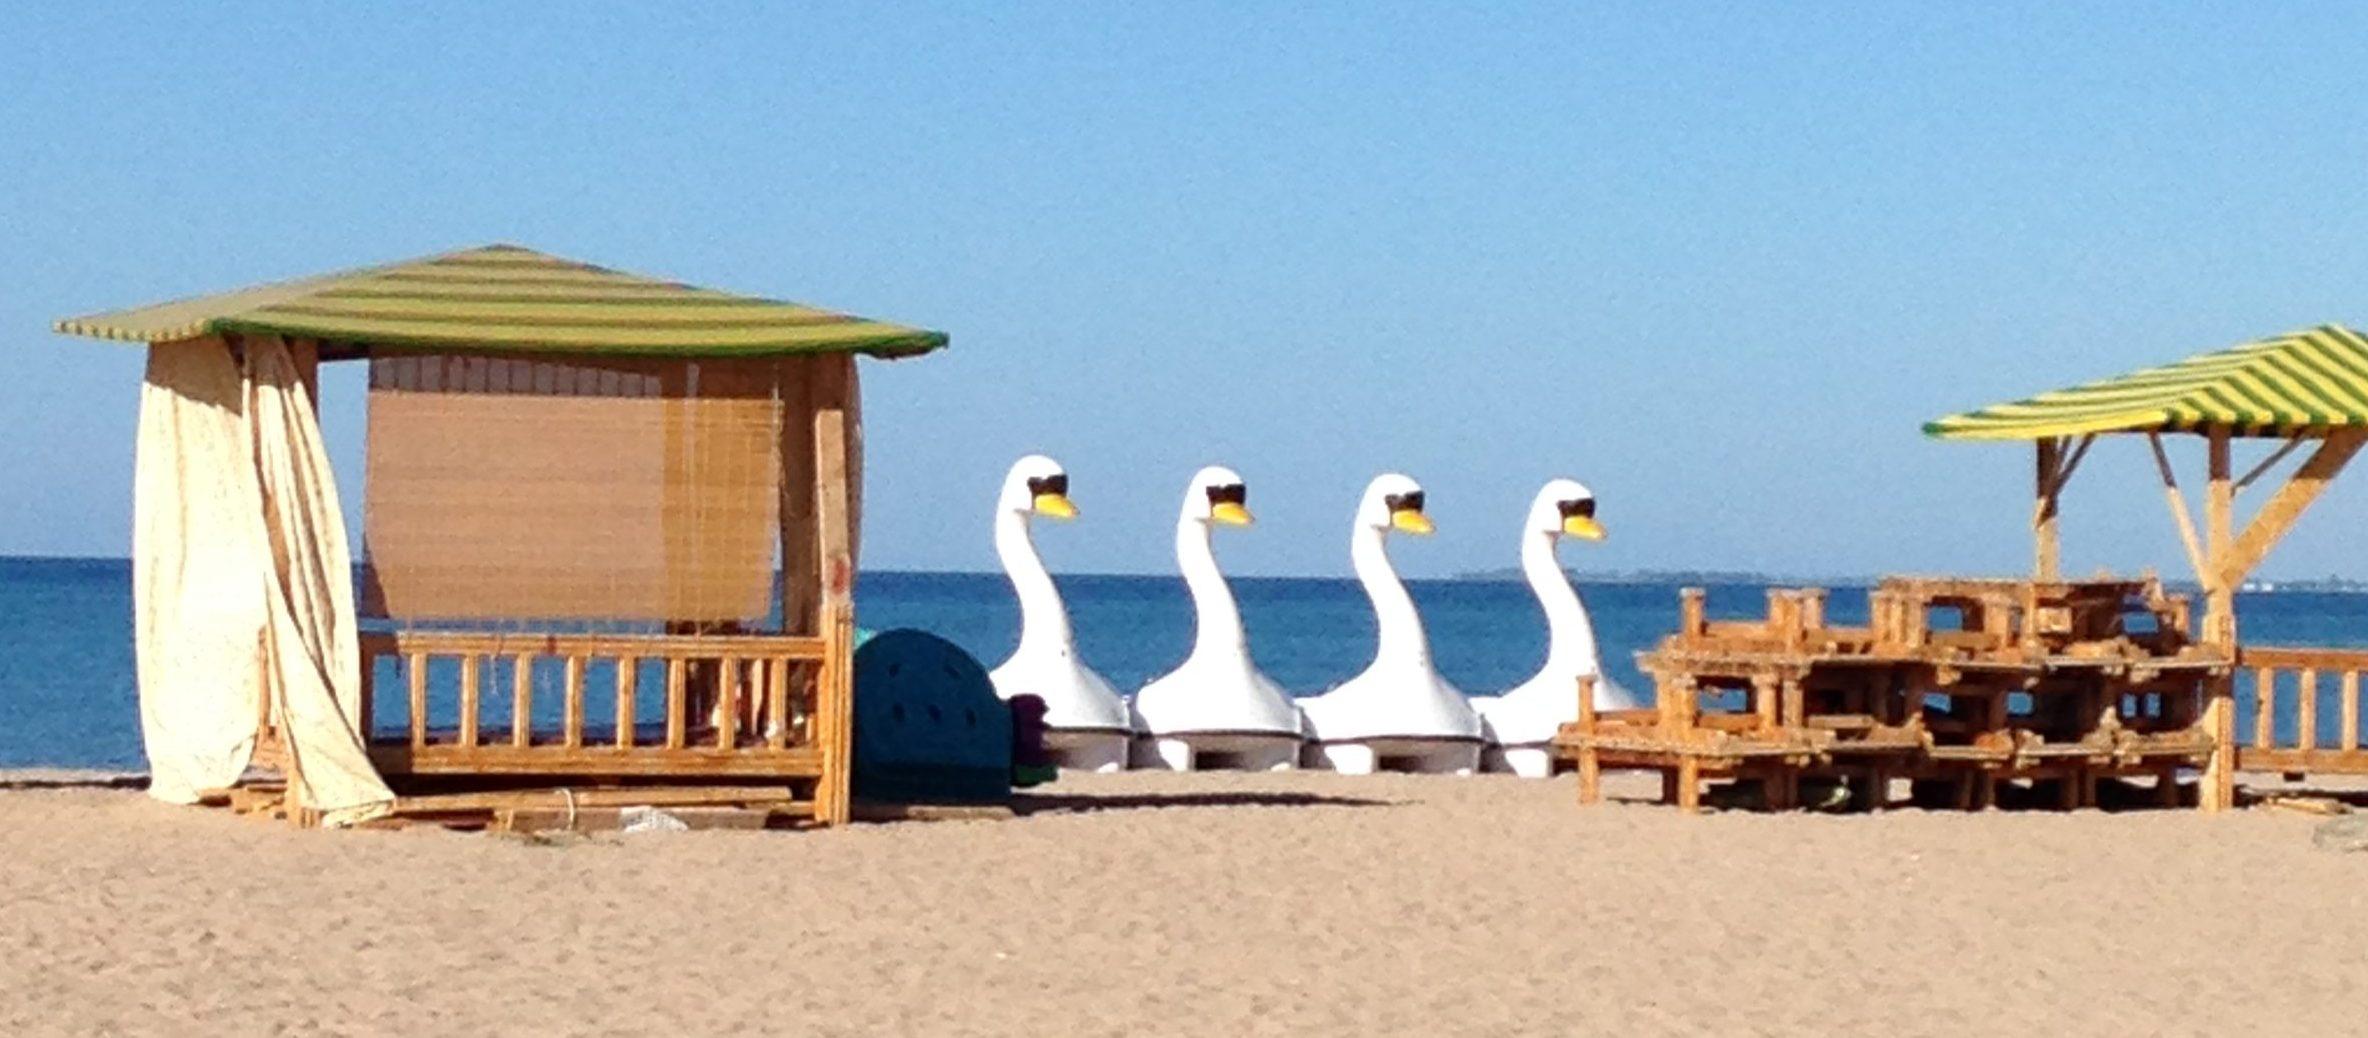 swan boats on a beach